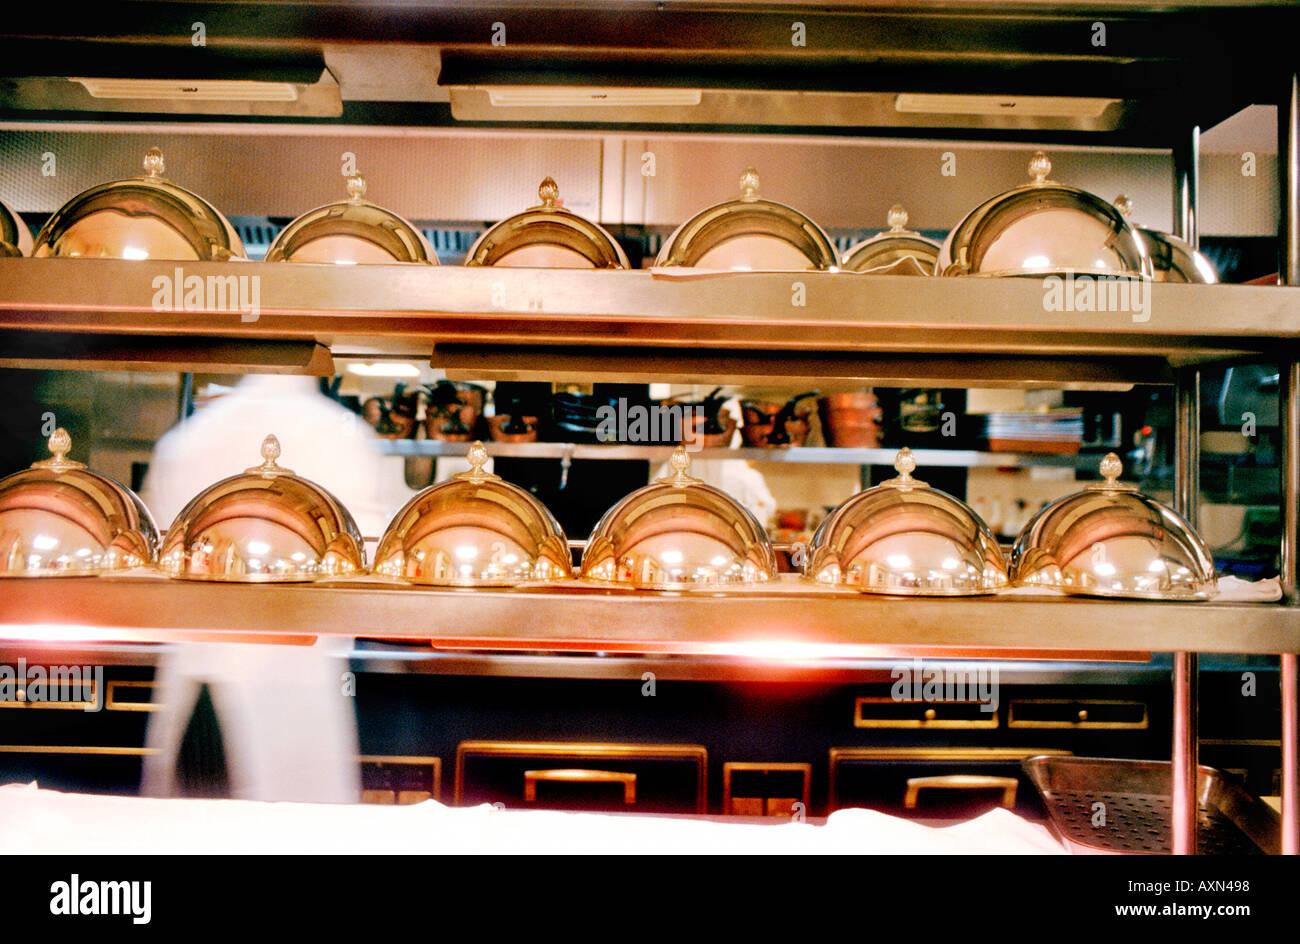 France paris french restaurant le v le cinq haute cuisine stock photo royalty free - Restaurant cuisine francaise paris ...